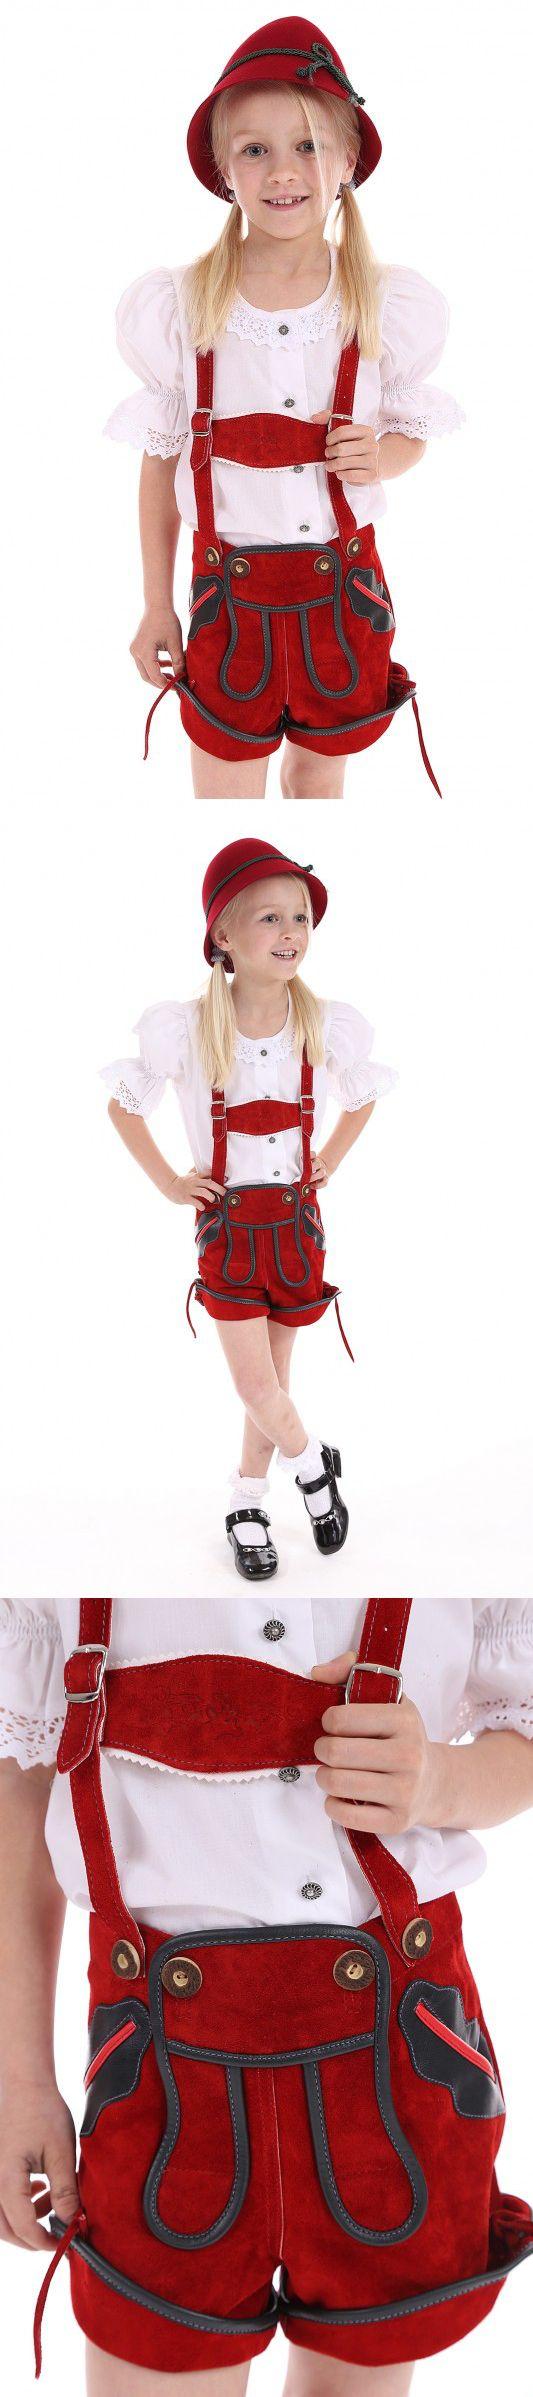 St. Peter Trachten - Rote #kurze_Lederhose für Mädchen von St. Peter Trachten. ~ Eine grüner Einfassung am Latz ,an den Taschen und am Beinabschluss schmücken diese rote #Maedchen_Lederhose. ~ Die bestickten Träger sind abnehm-und verstellbar. ~ Komplettieren Sie diese #Kinder_Lederhose mit einem schicken weißen oder karierten Trachtenhemd, Trachtenstrümpfe und Trachtenschuhe